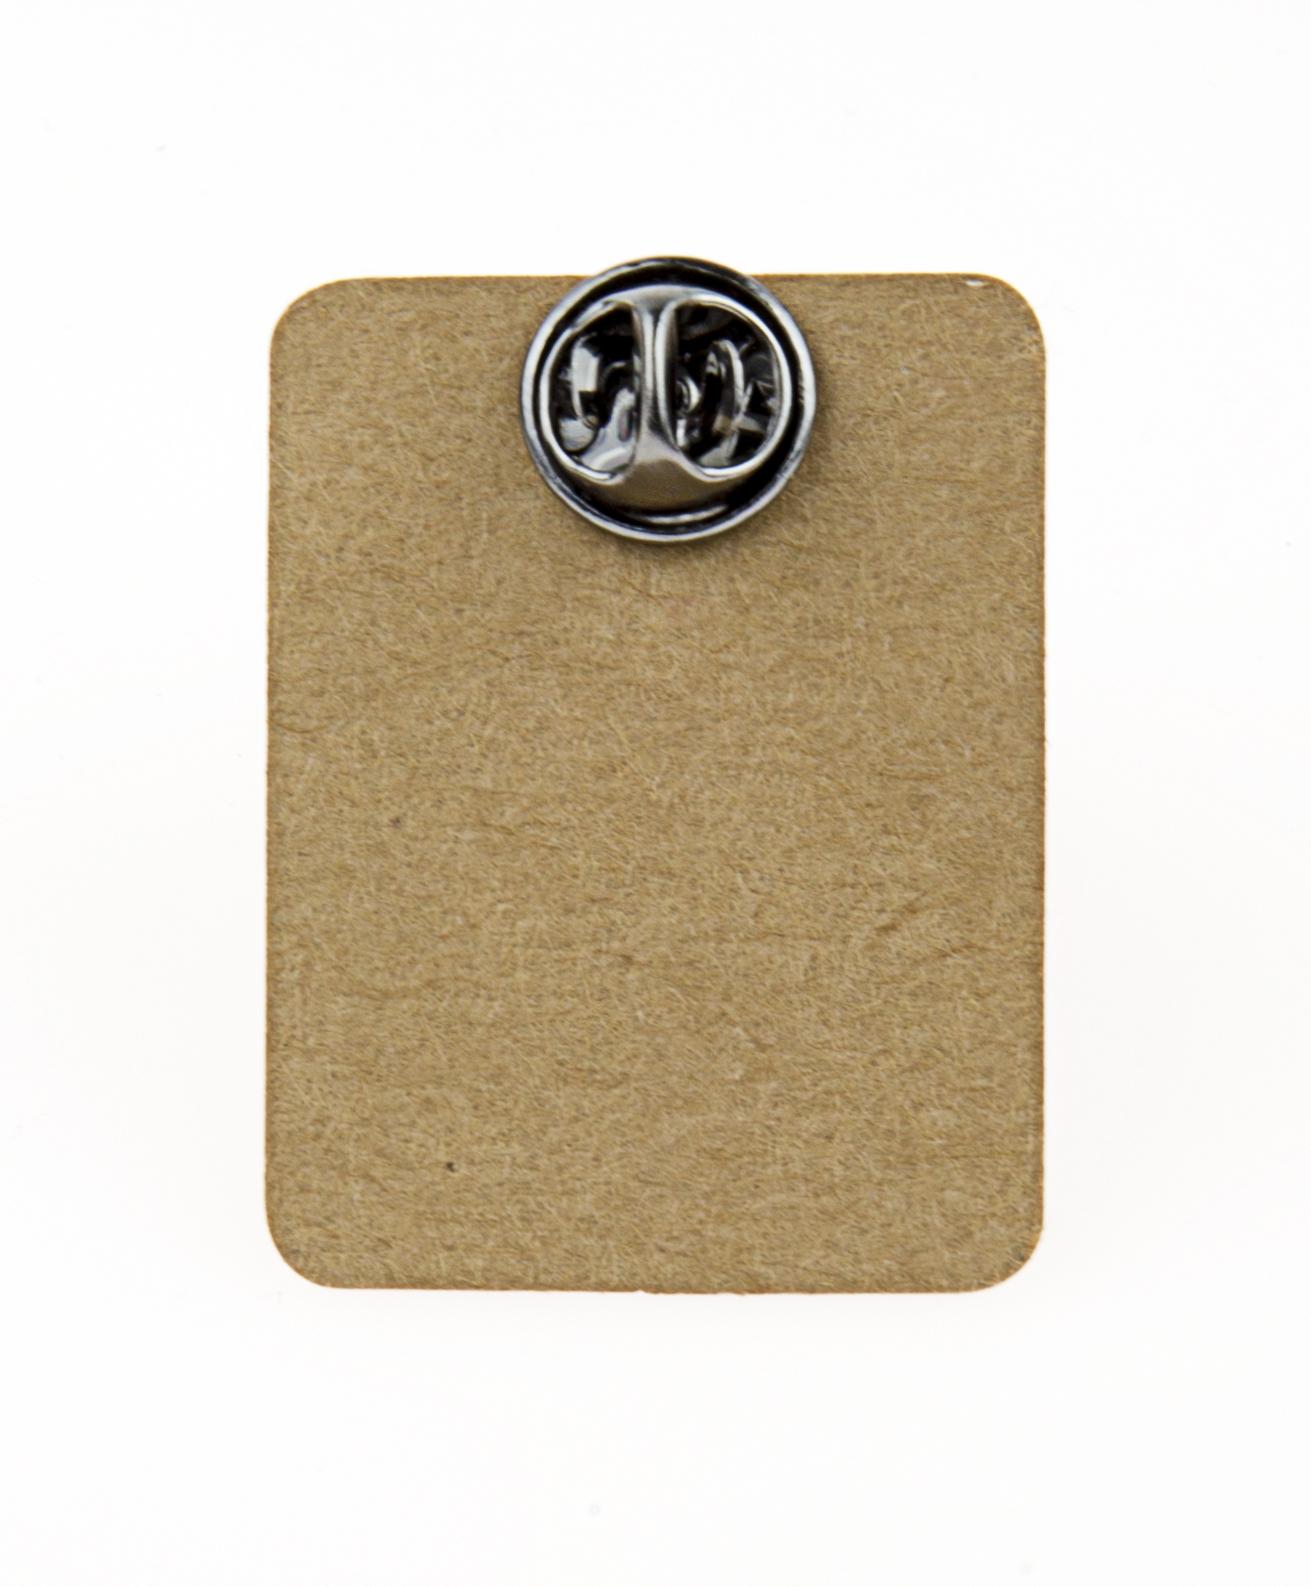 Metal Cactus Enamel Pin Badge